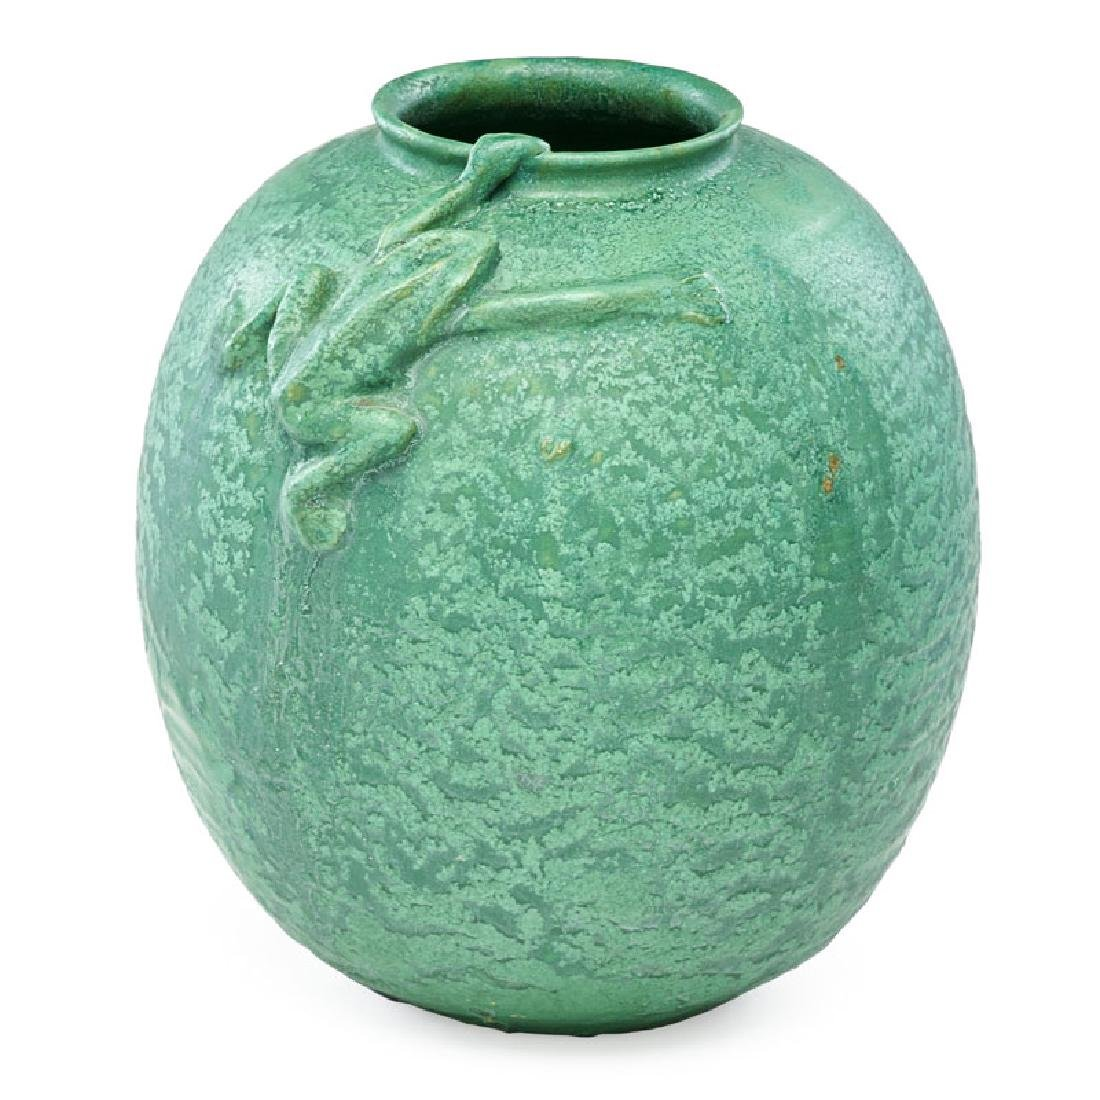 WHEATLEY Vase with frog